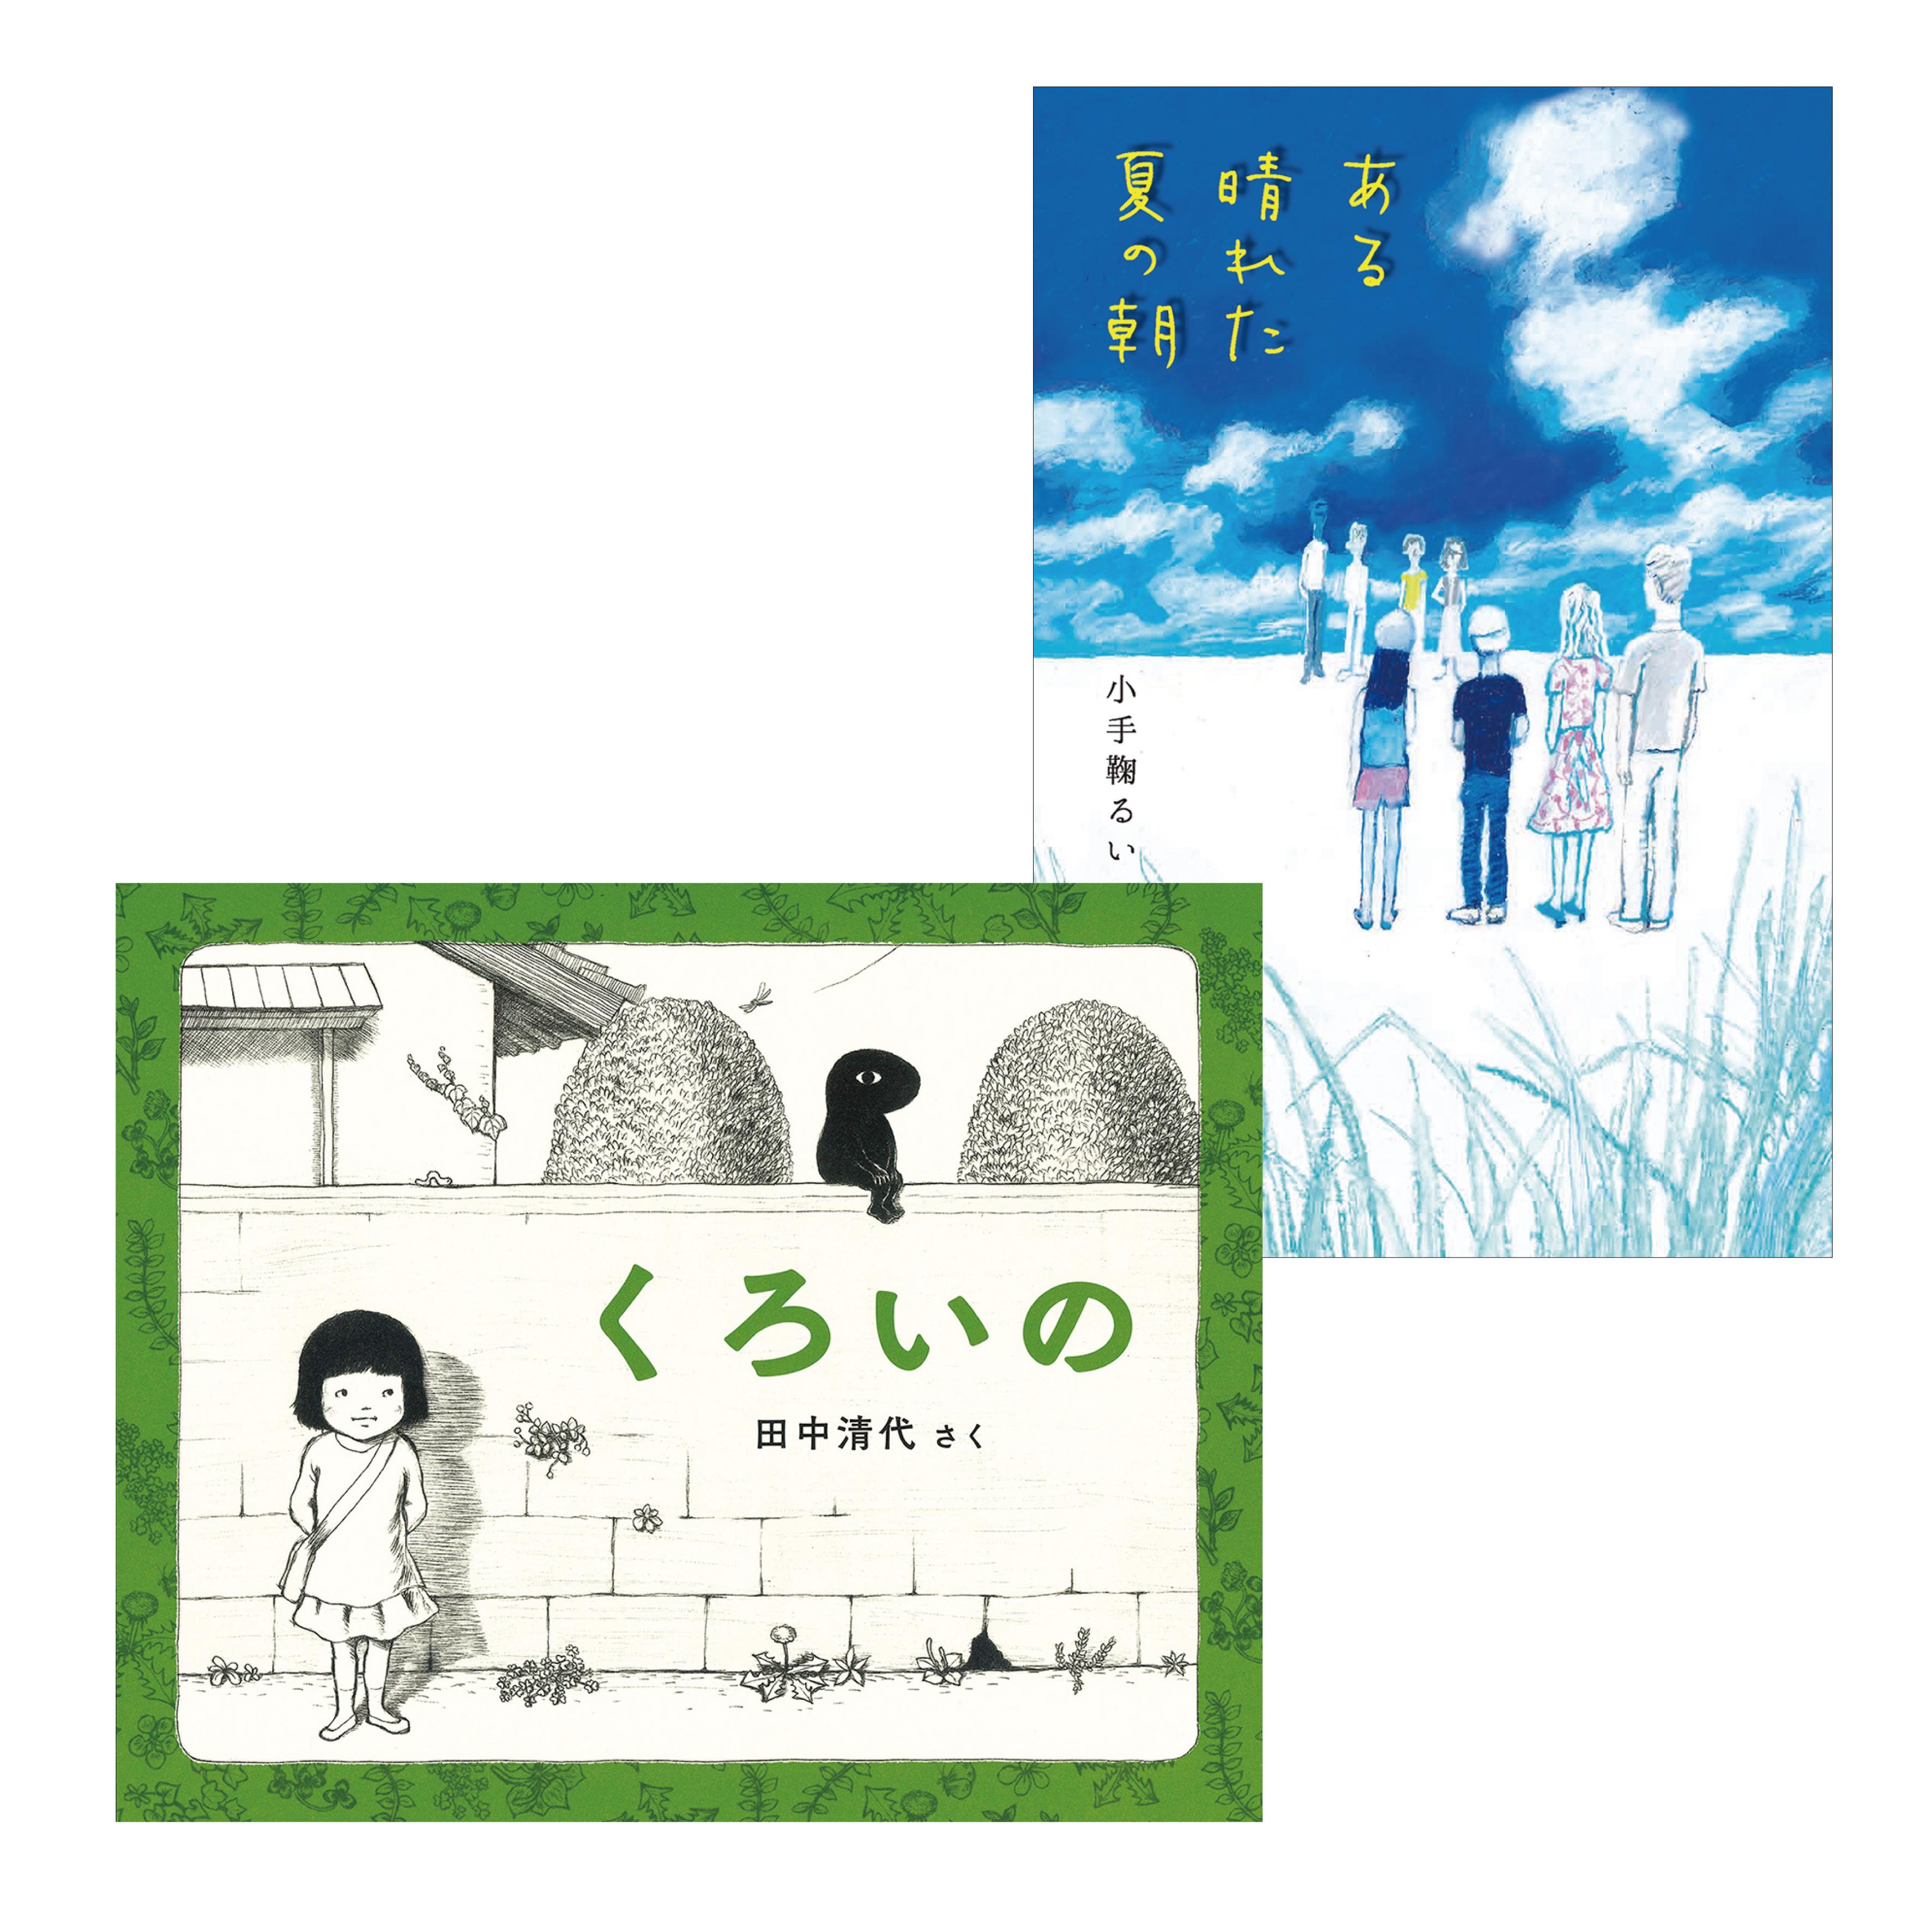 『ある晴れた夏の朝』(小手鞠るい 著)、『くろいの』(田中清代 作・絵)が、第68回小学館児童出版文化賞を受賞しました!